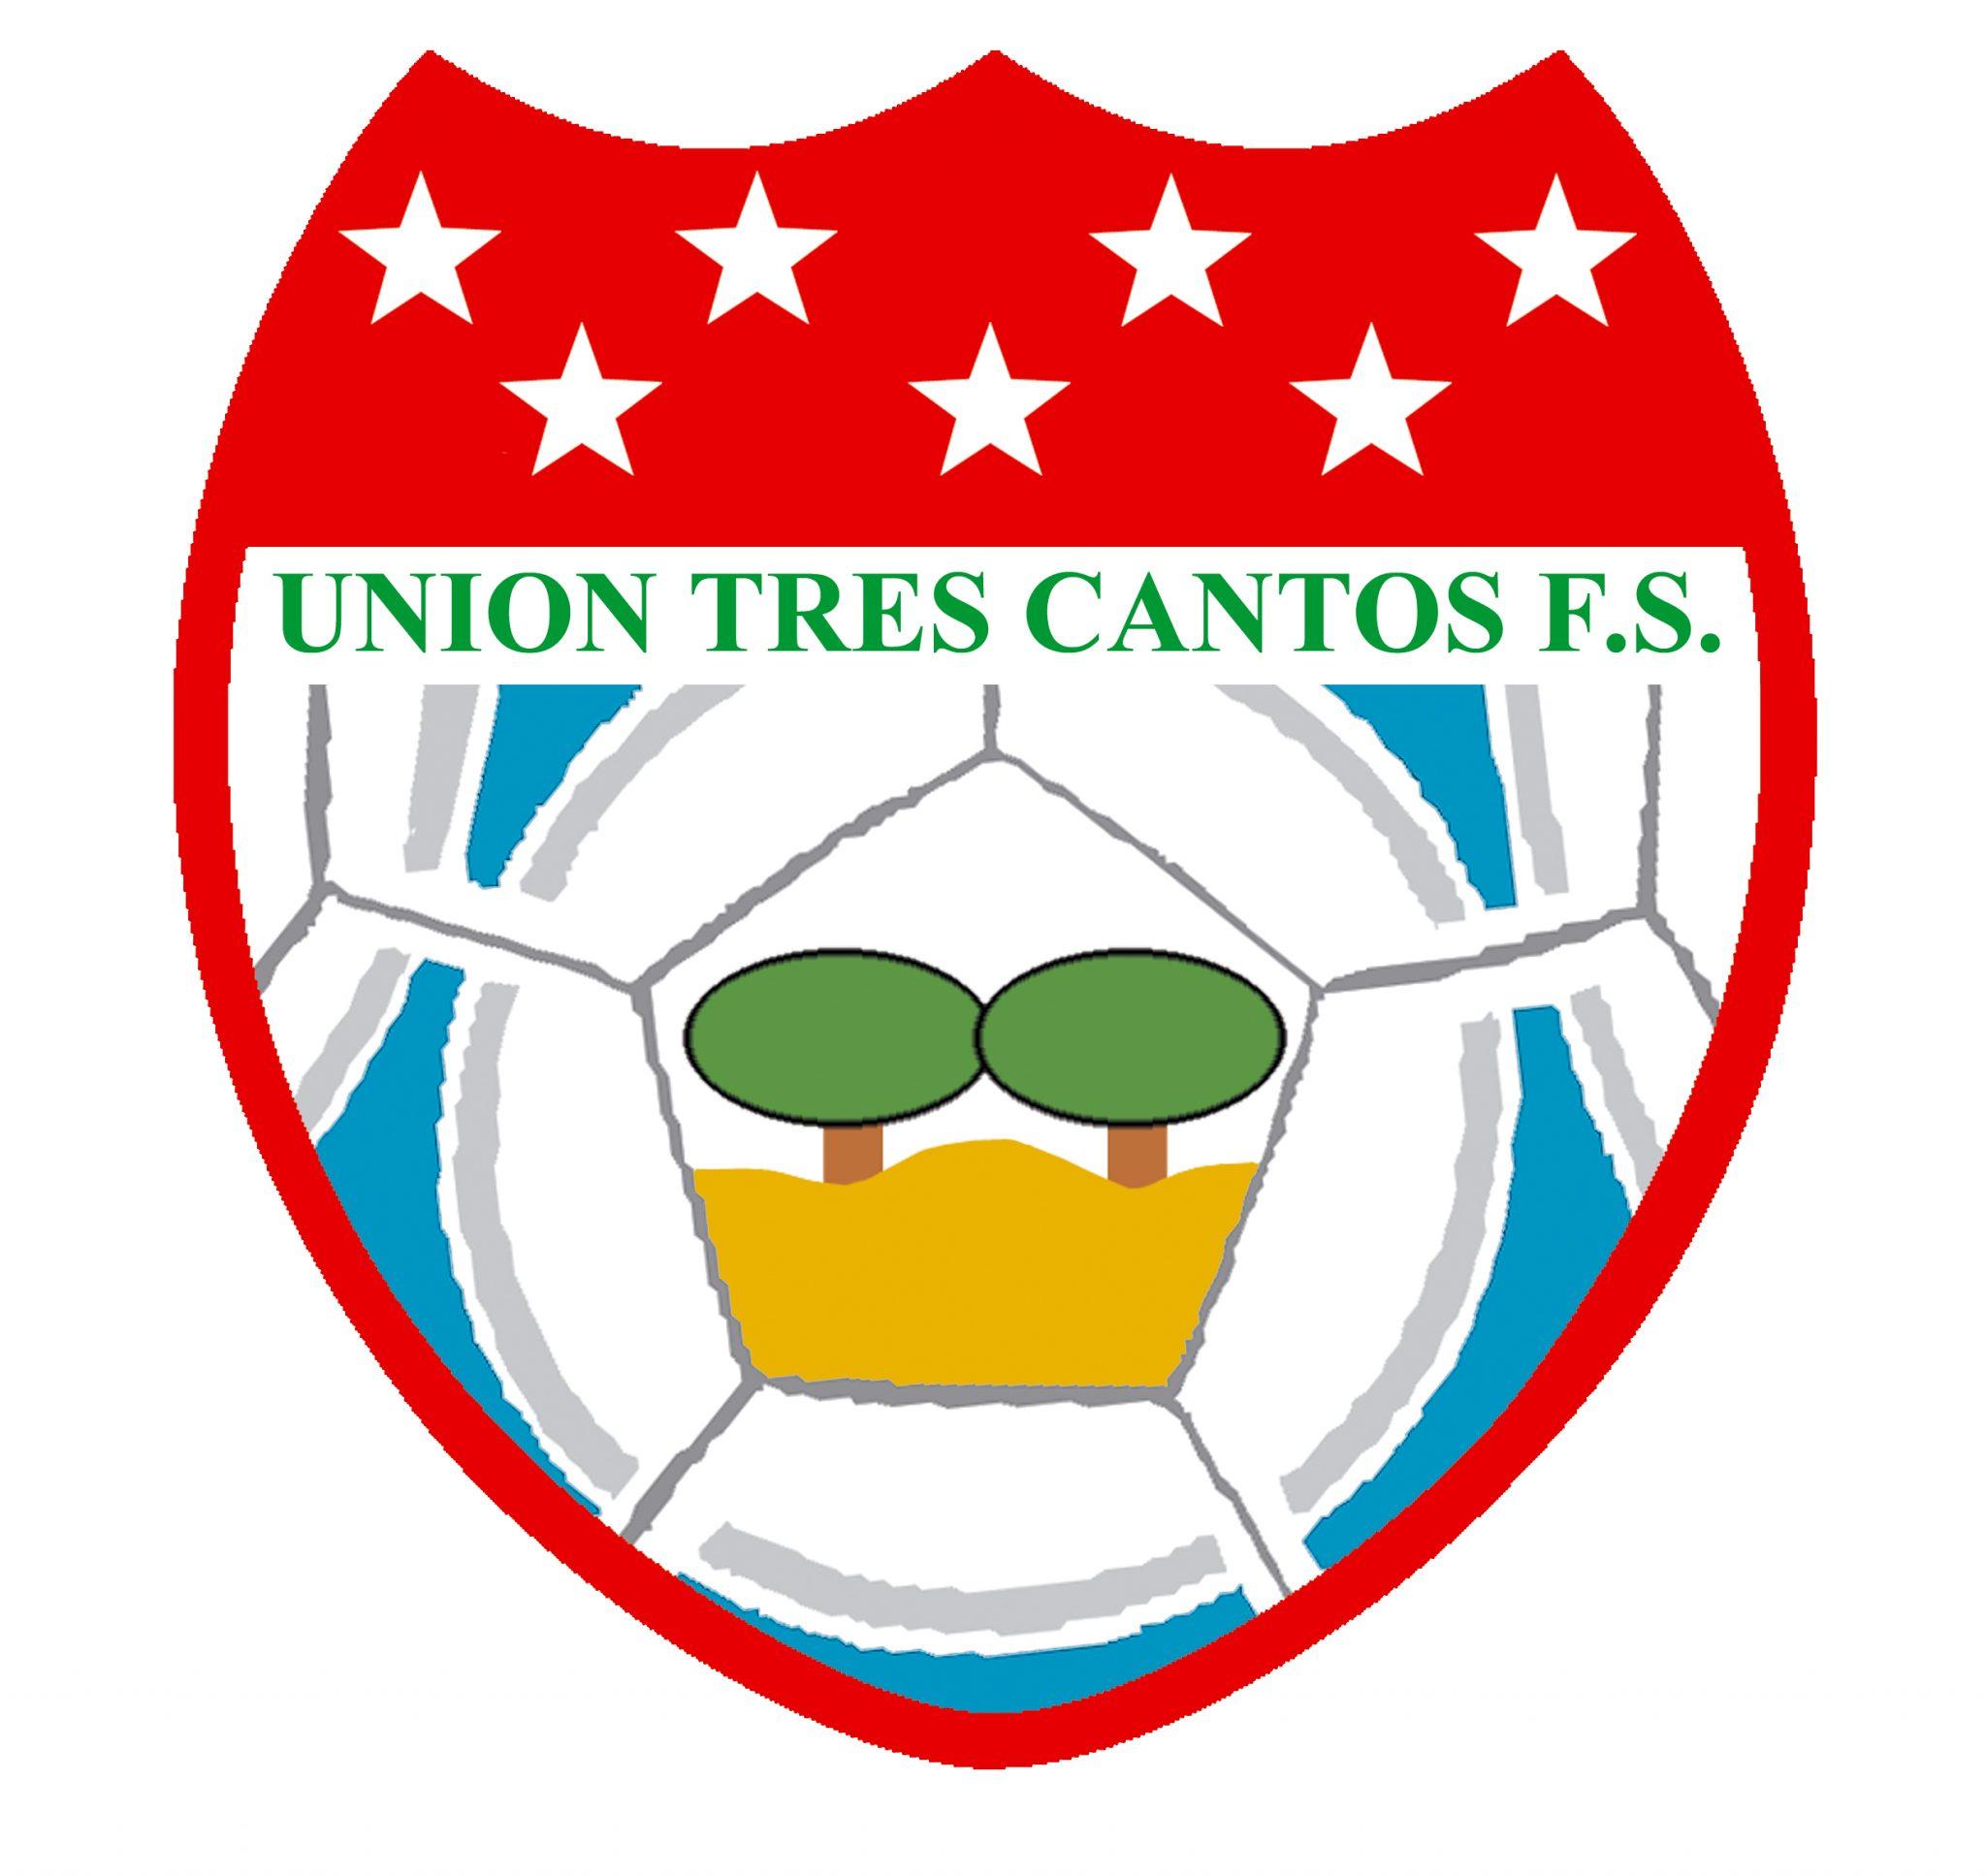 Unión Tres Cantos F.S sigue sumando